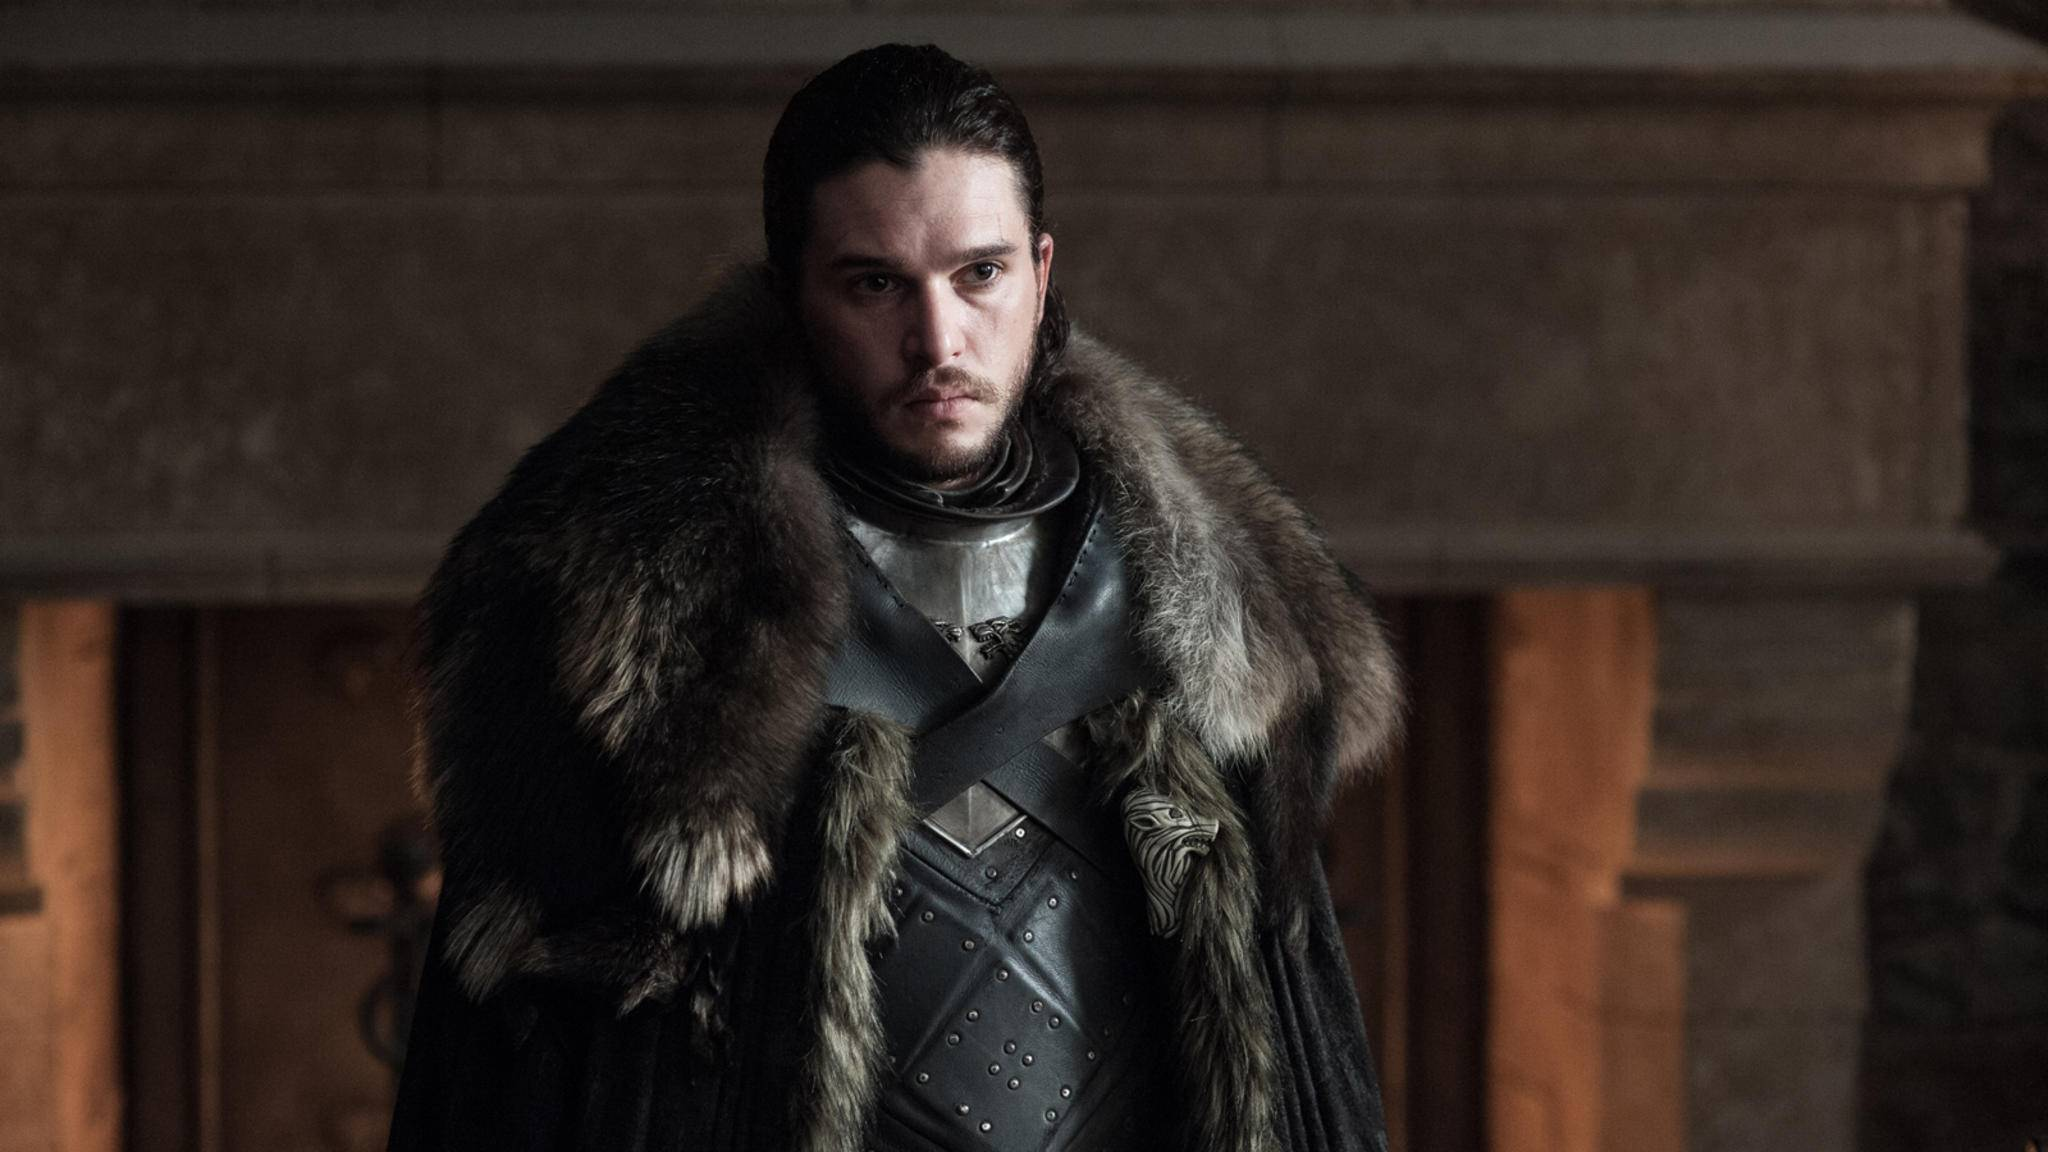 Wirklich überzeugt sind die Verbündeten von Jon Snow hinsichtlich des Treffens mit Daenerys nicht gerade.